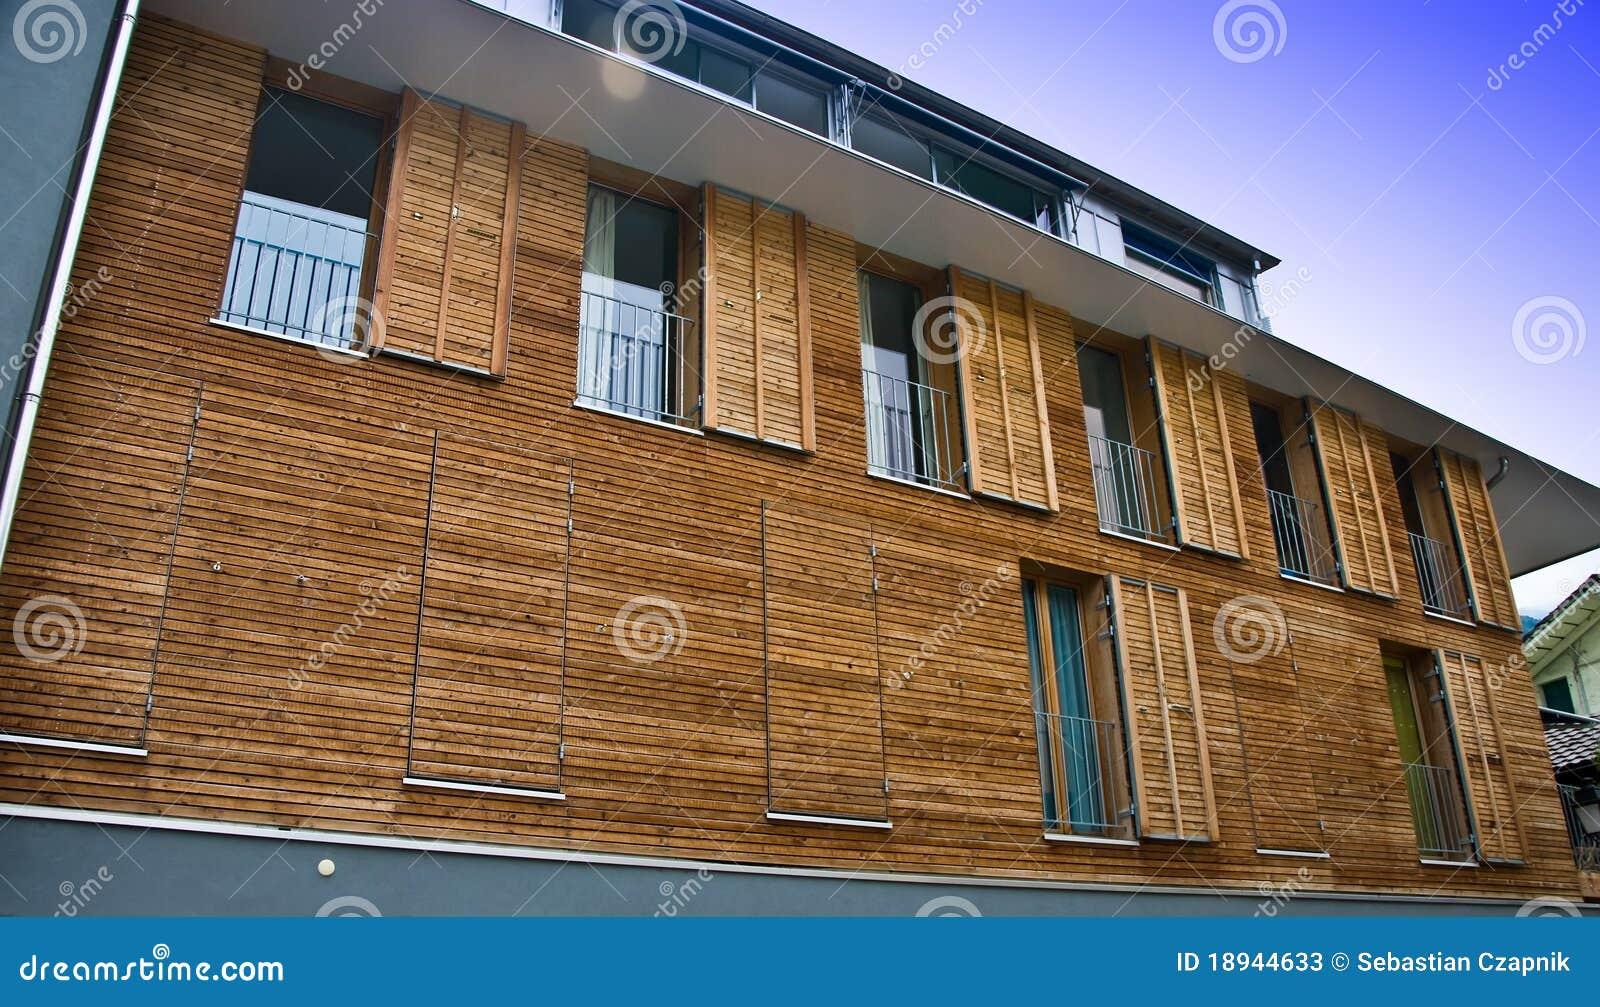 Verführerisch Hausfassade Modern Ideen Von Moderne Hölzerne